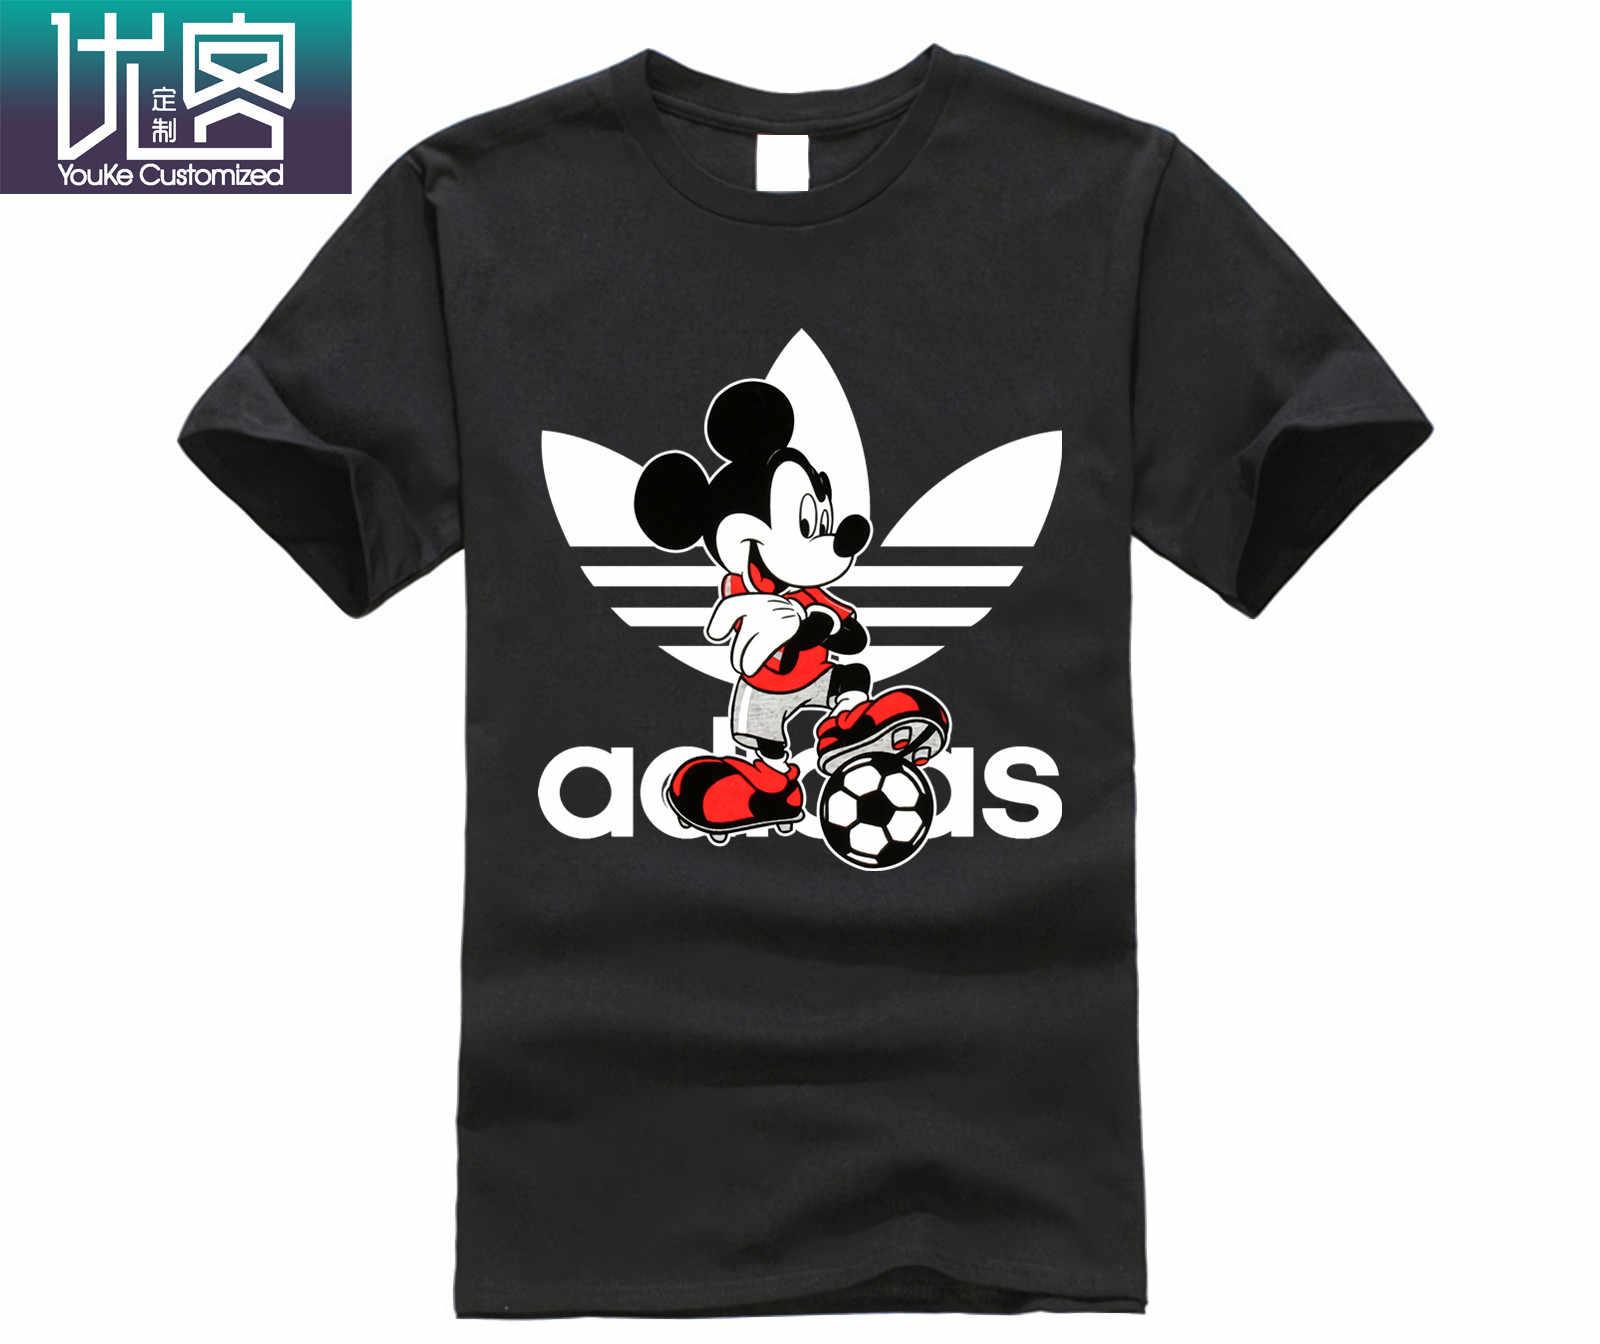 Футболки для футбола с Микки дисном, красивые футболки с принтом Микки для мужчин, крутая хлопковая Футболка с круглым вырезом